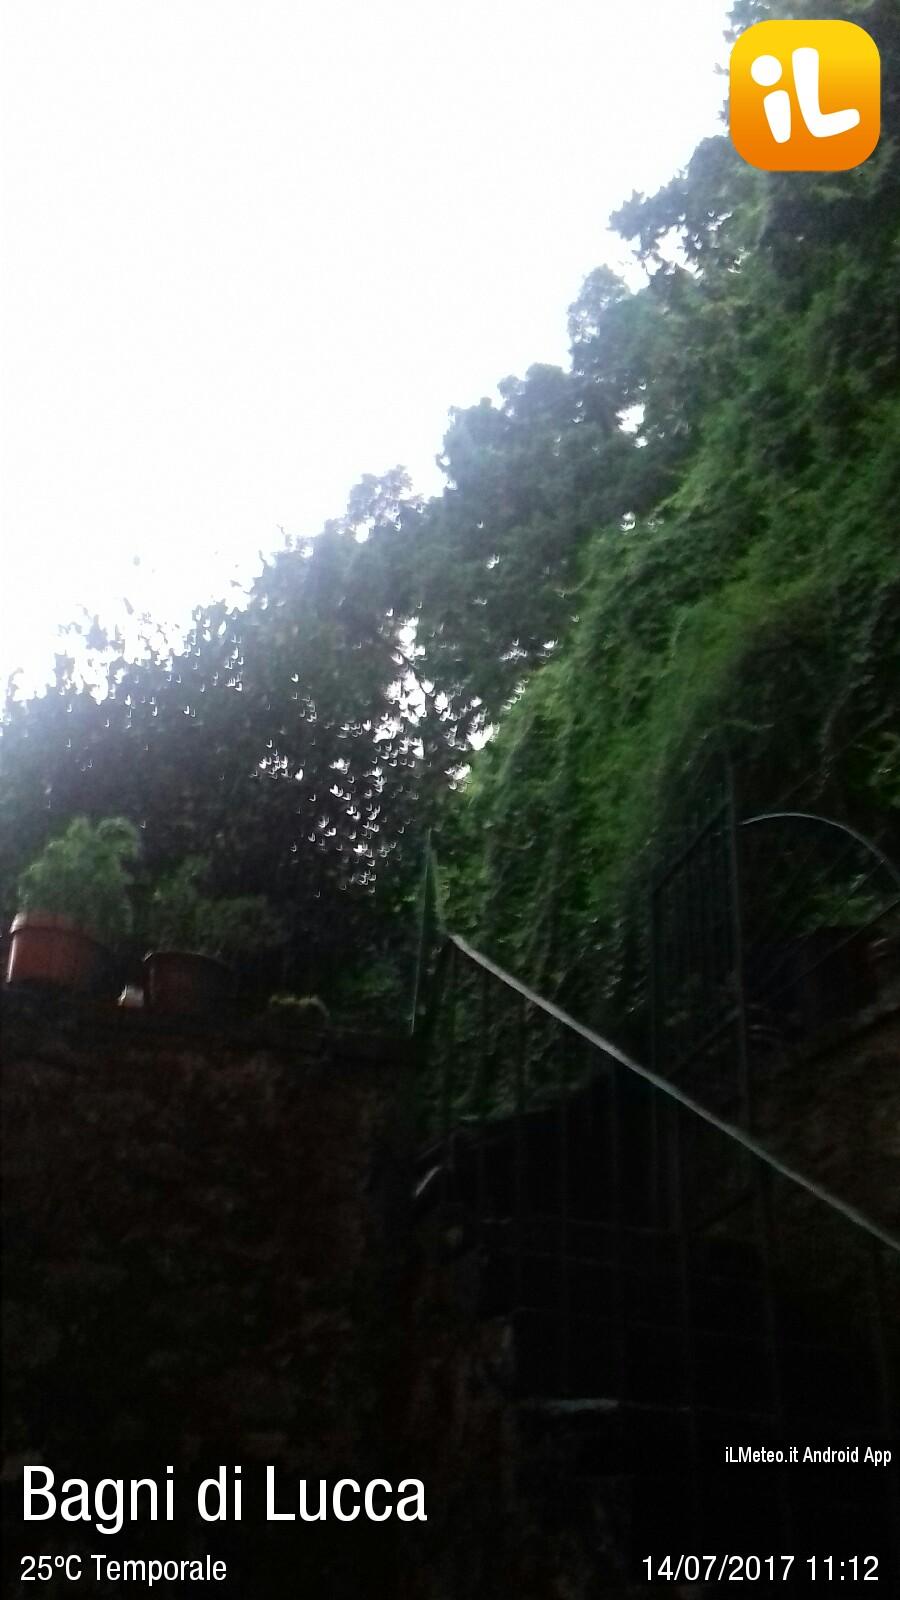 Foto meteo - Bagni di Lucca - Bagni di Lucca ore 11:12 » ILMETEO.it